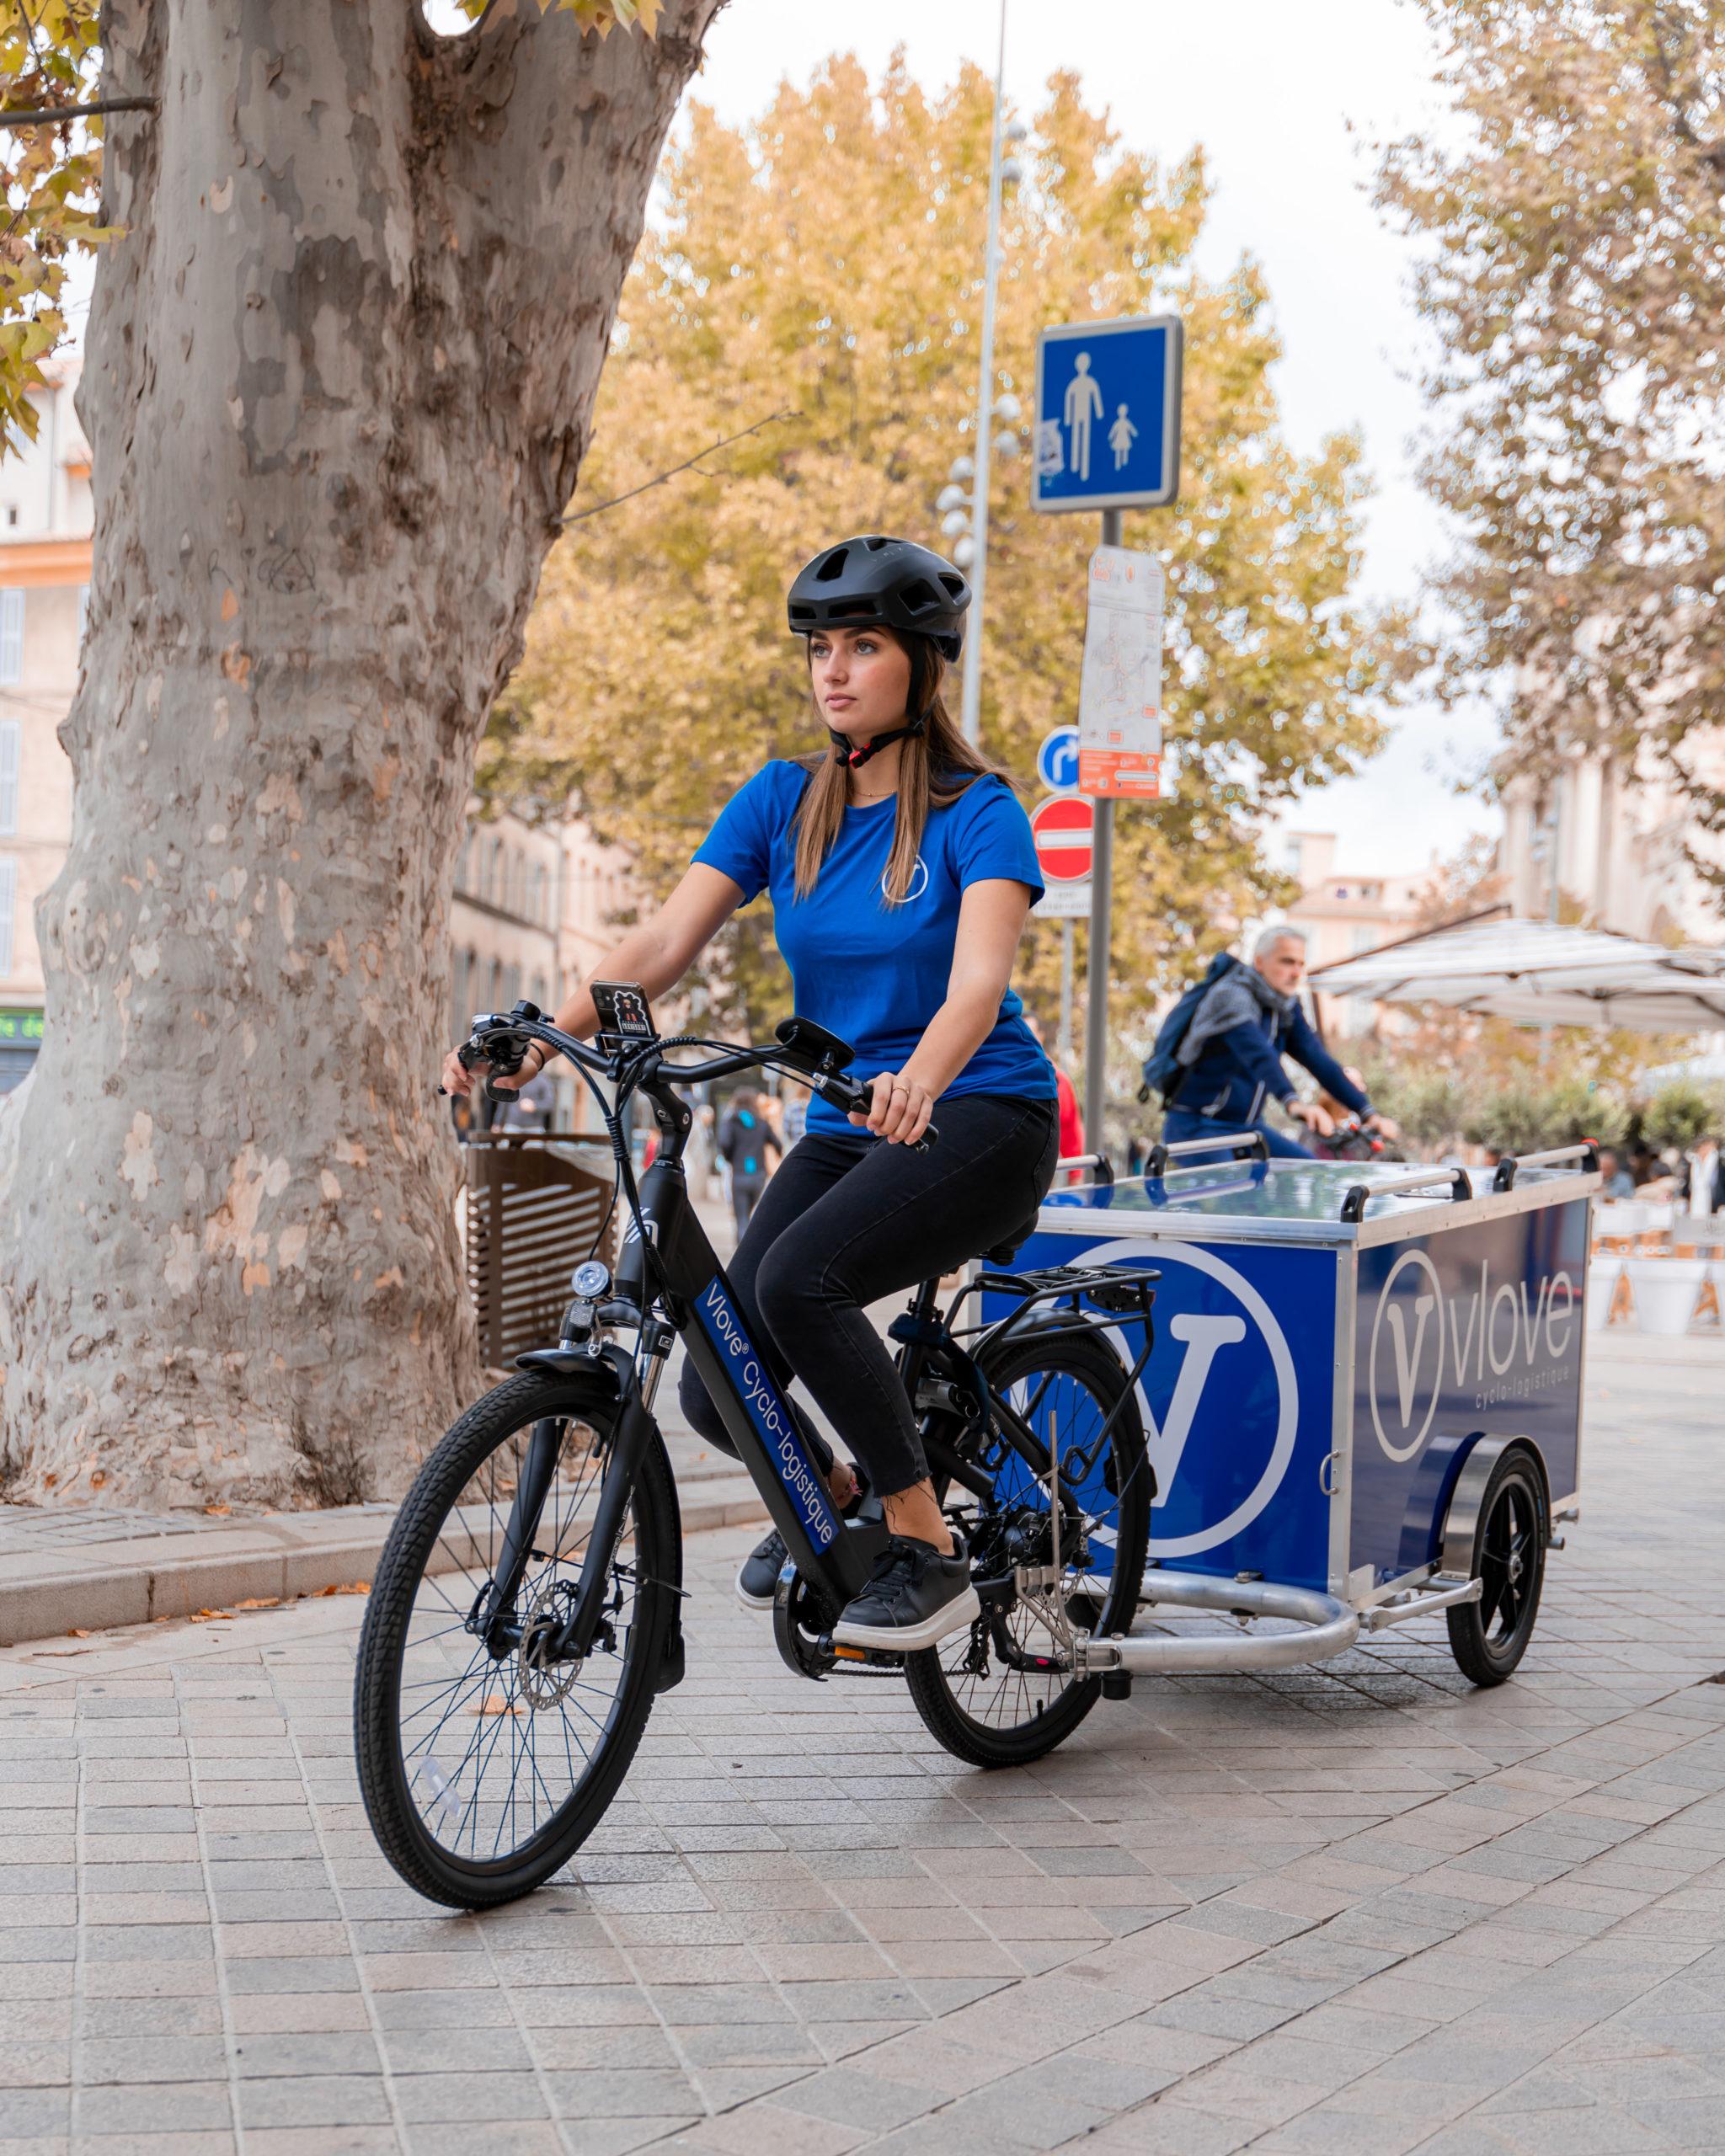 Livraison en vélo et remorque en ville